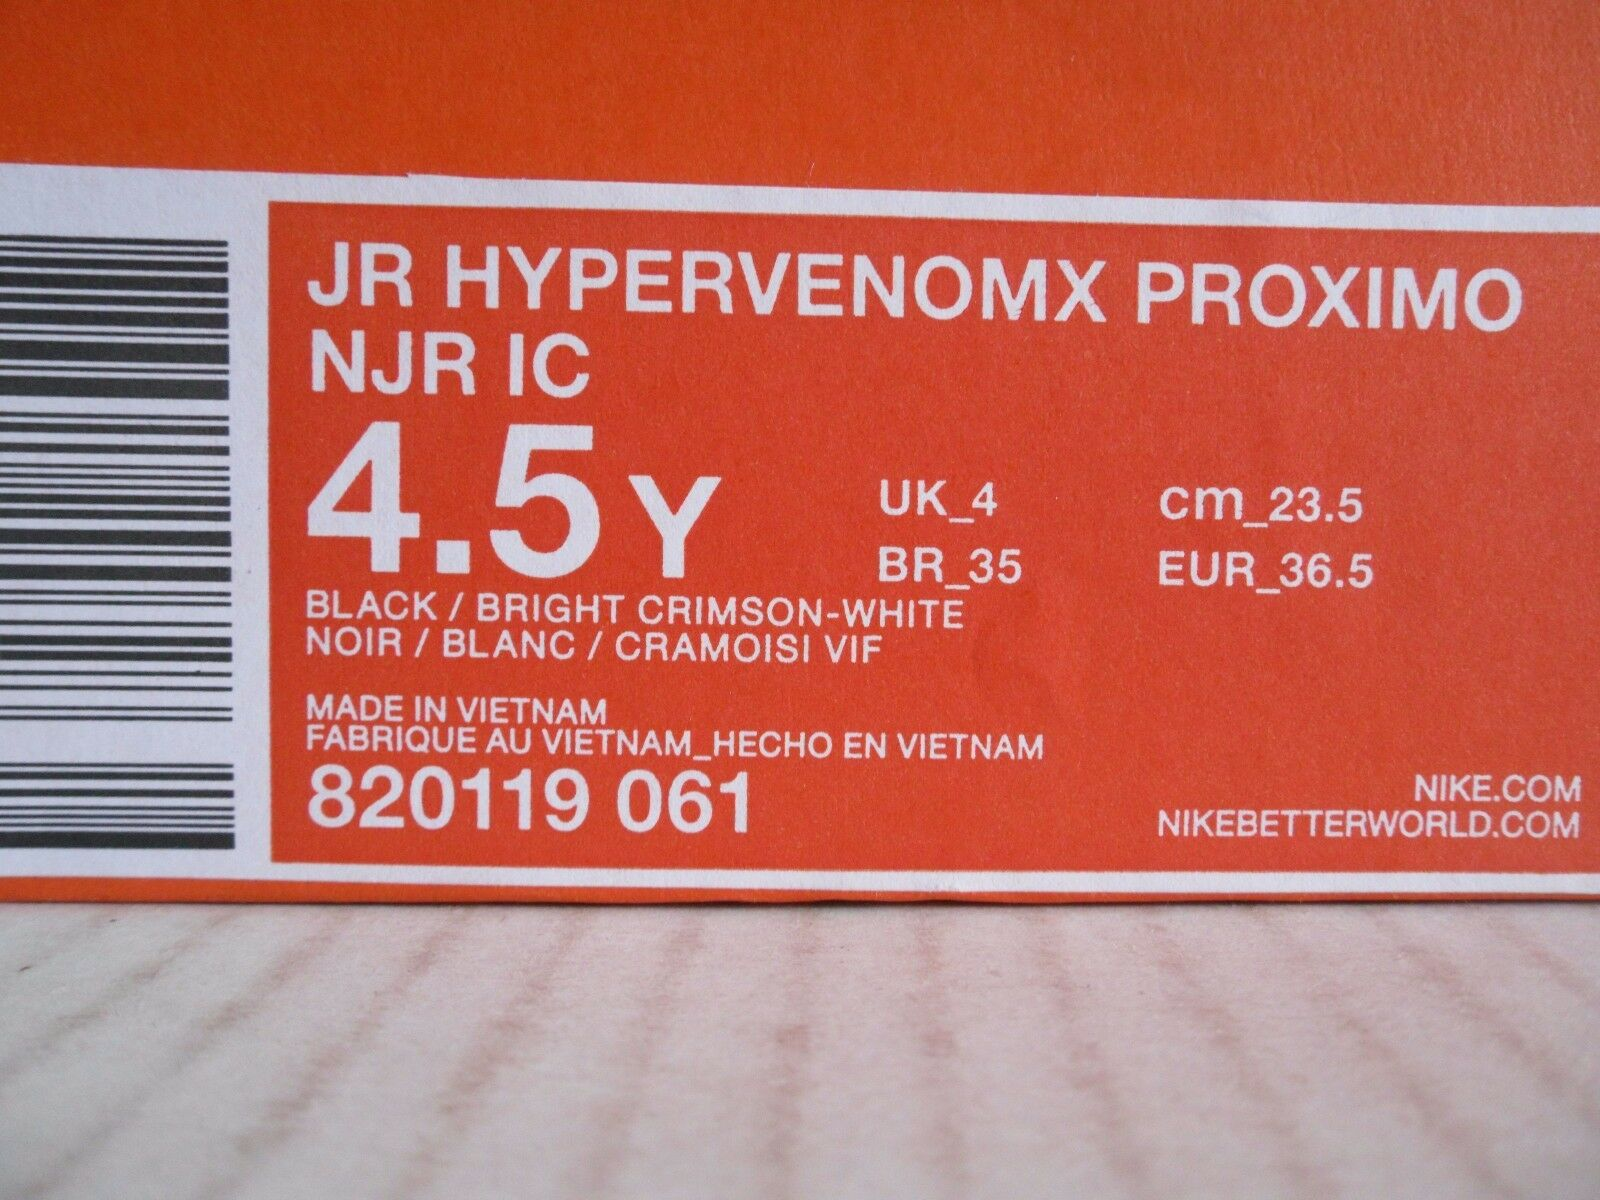 NIKE JR HYPERVENOMX HYPERVENOMX HYPERVENOMX PROXIMO NJR IC  NEYMAR  SZ 4.5Y-WOMENS SZ 6 3aa087